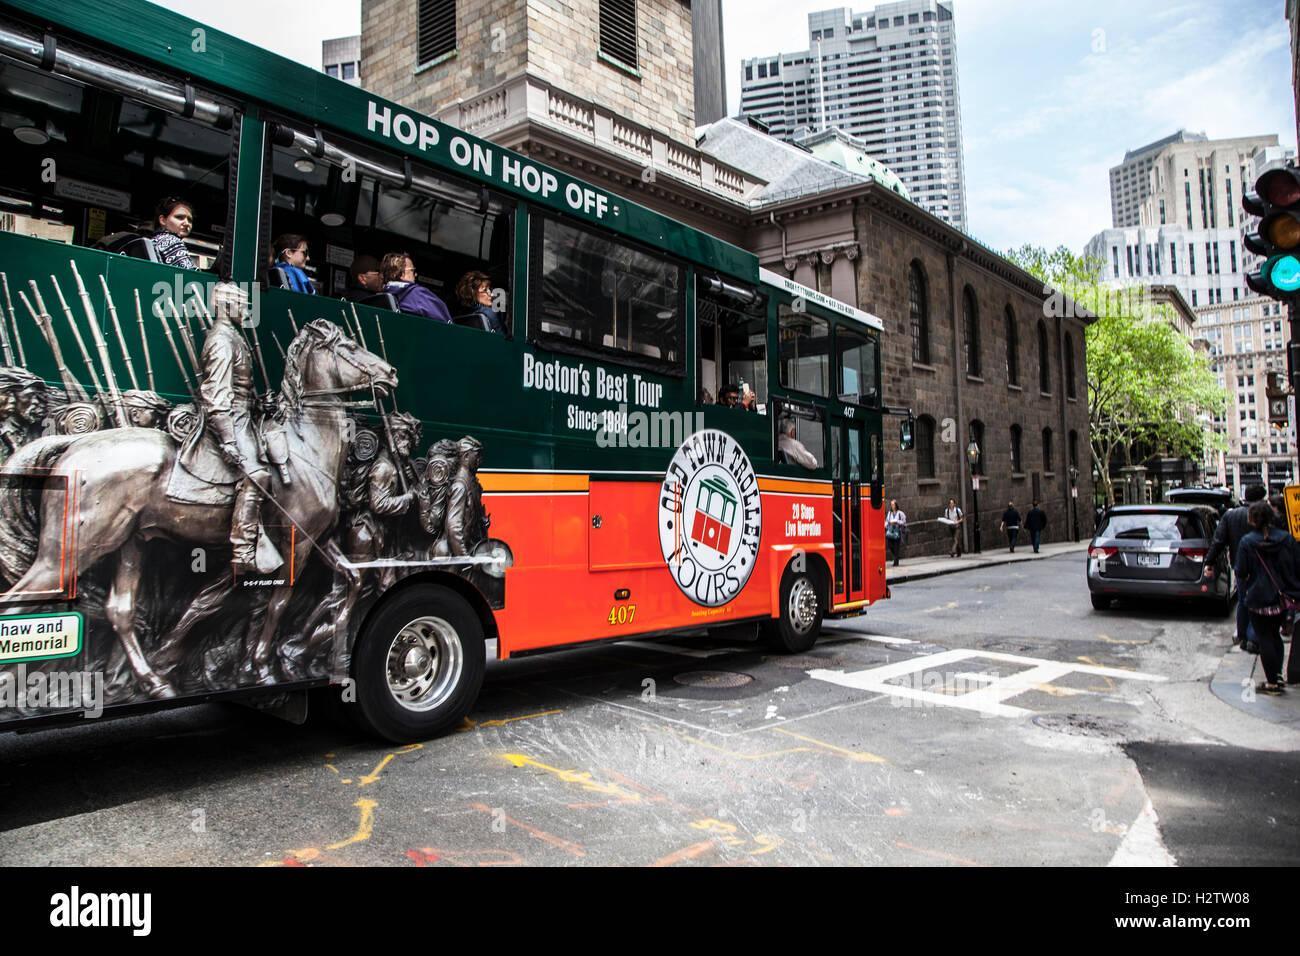 Boston Tour Bus Stock Photo Royalty Free Image 122248344